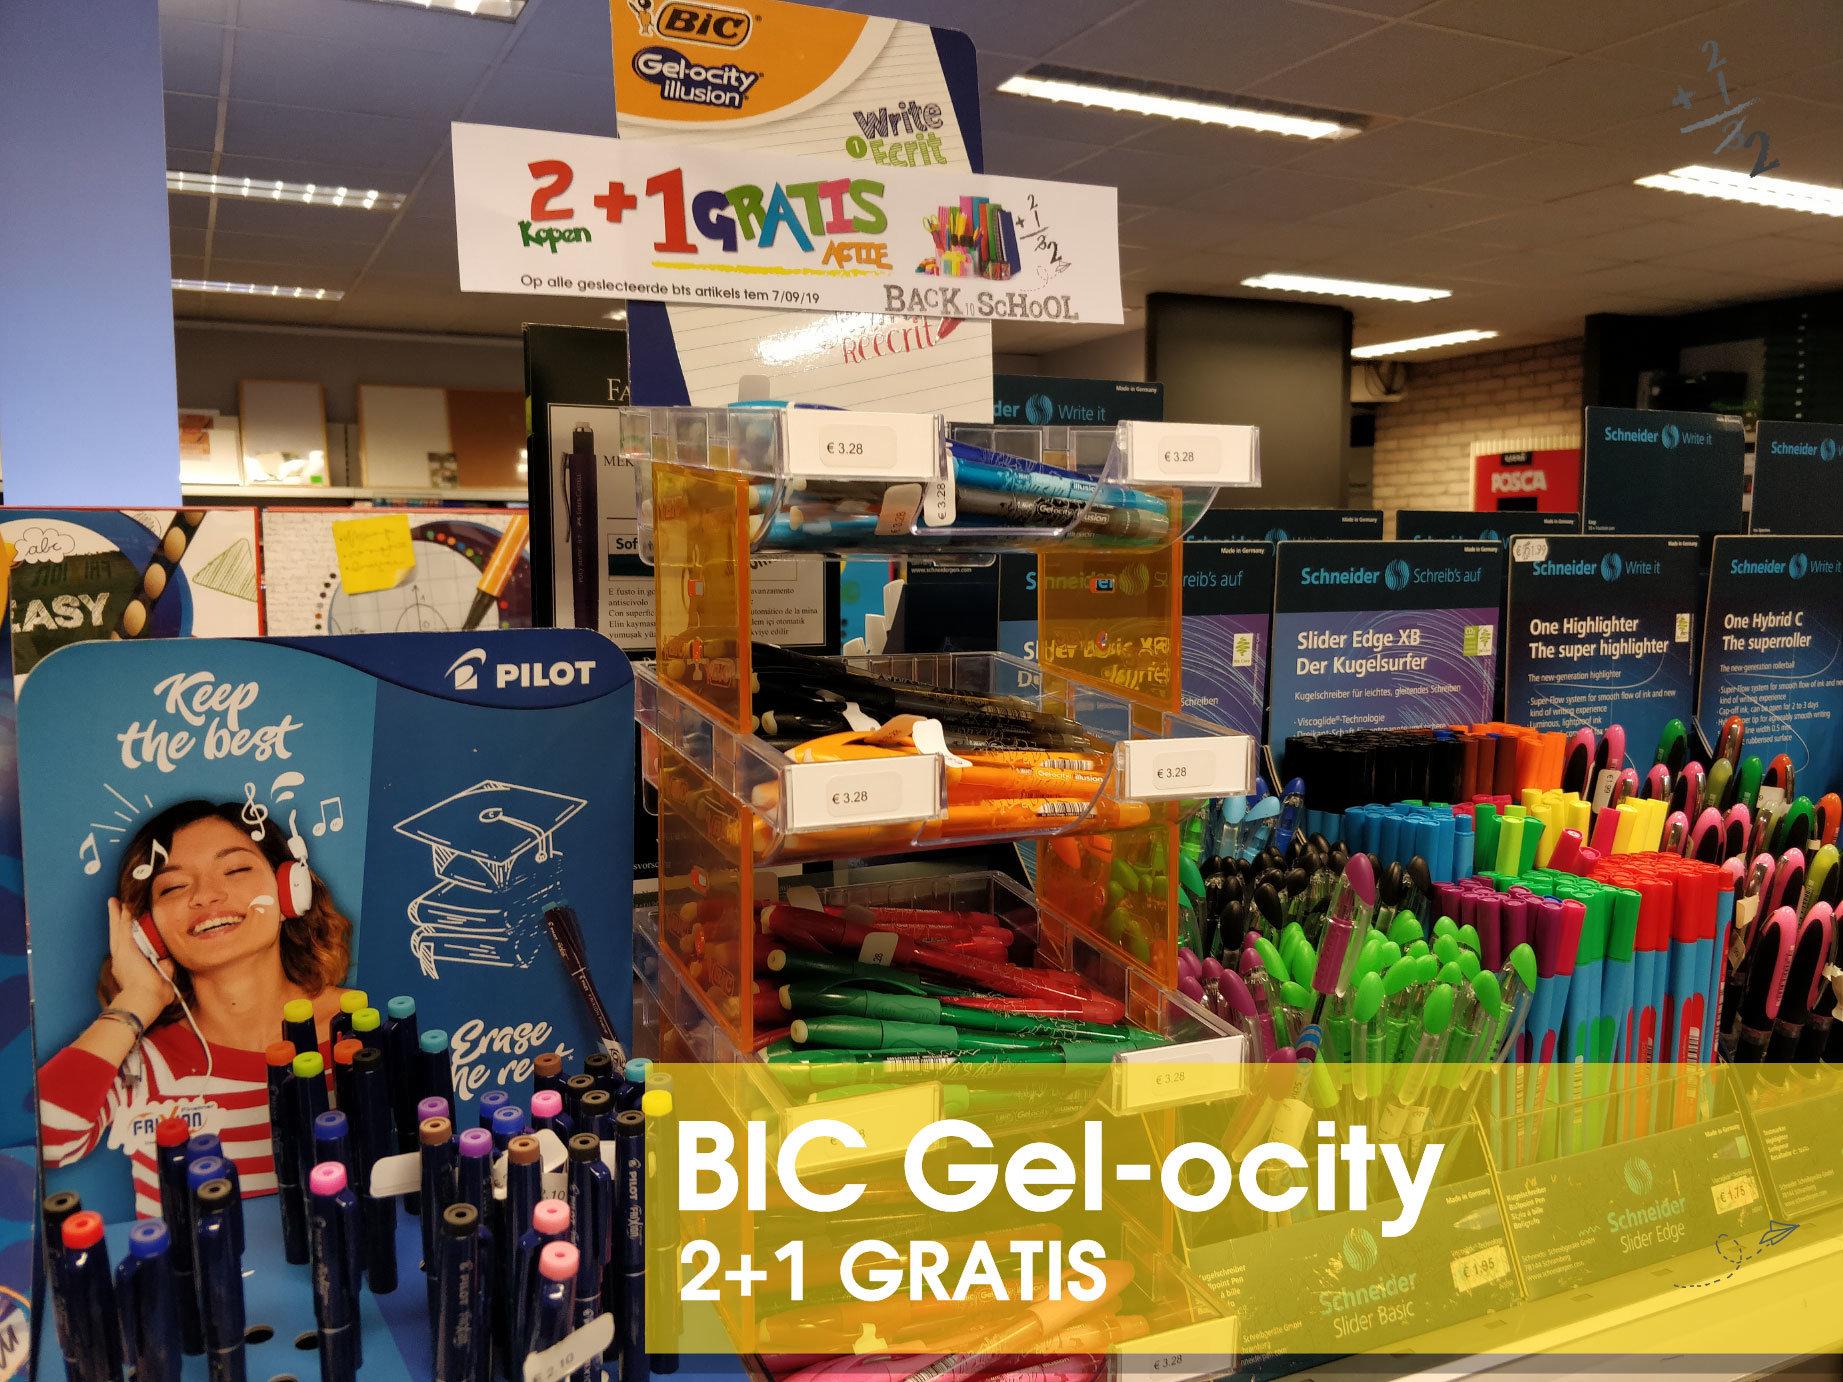 Marcelis-School-materiaal-BIC-gelocity-promo-2+1-gratis-actie